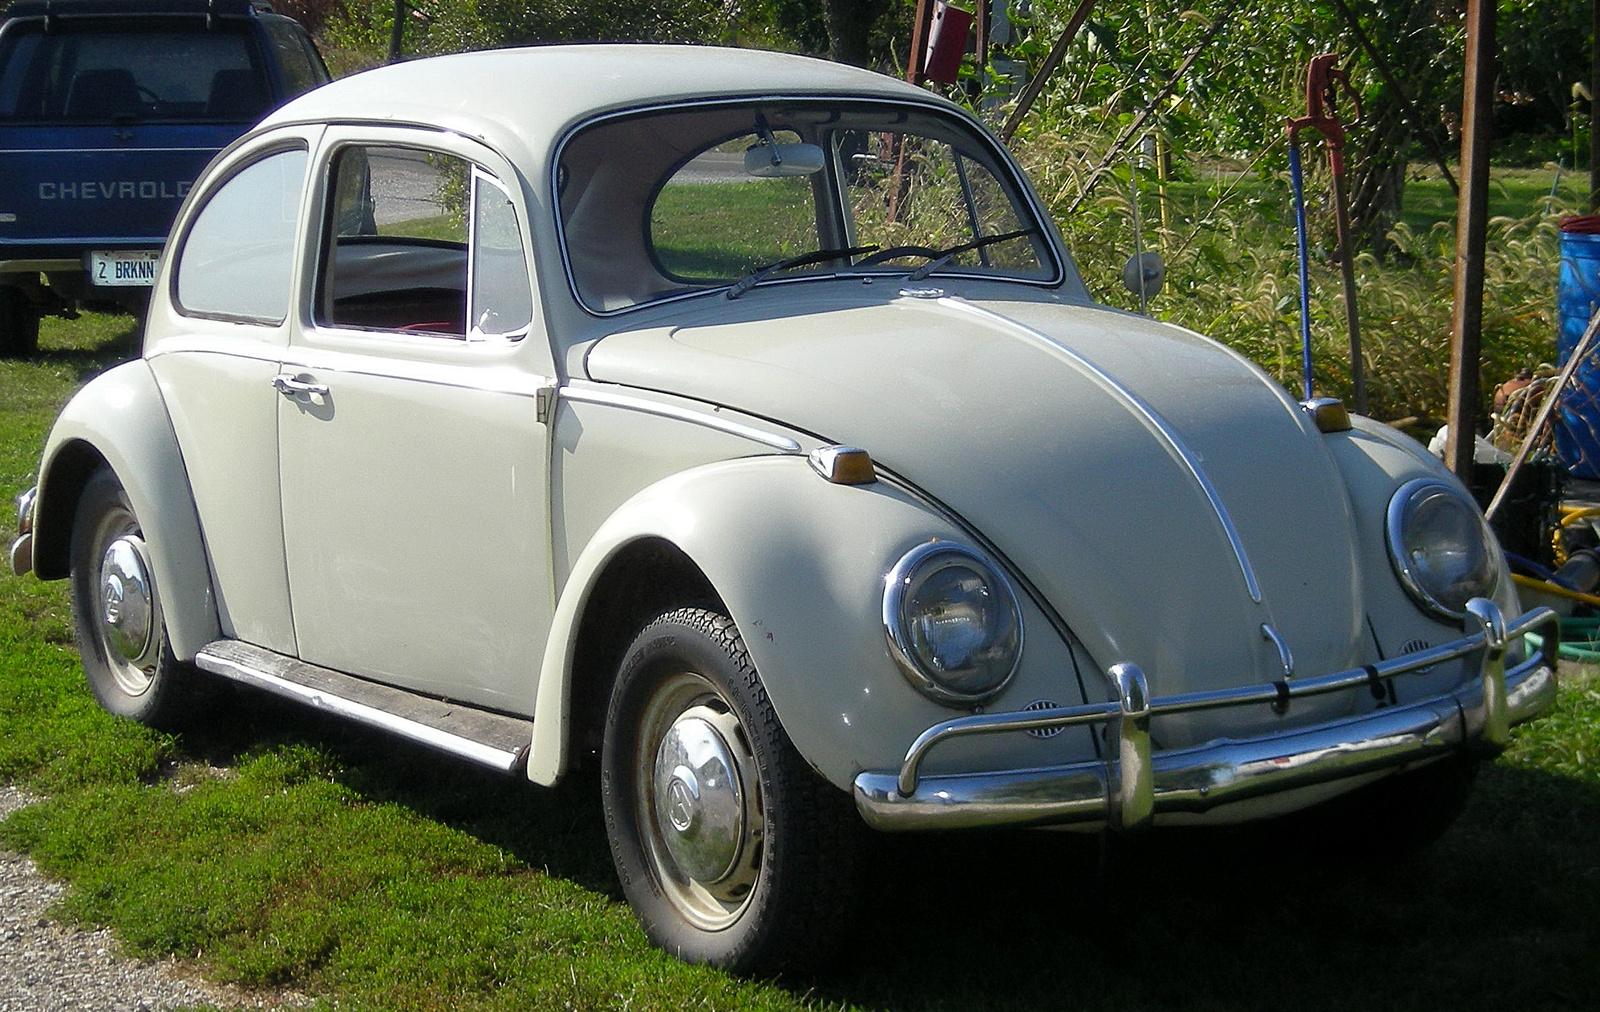 1966 Volkswagen Beetle - Pictures - CarGurus